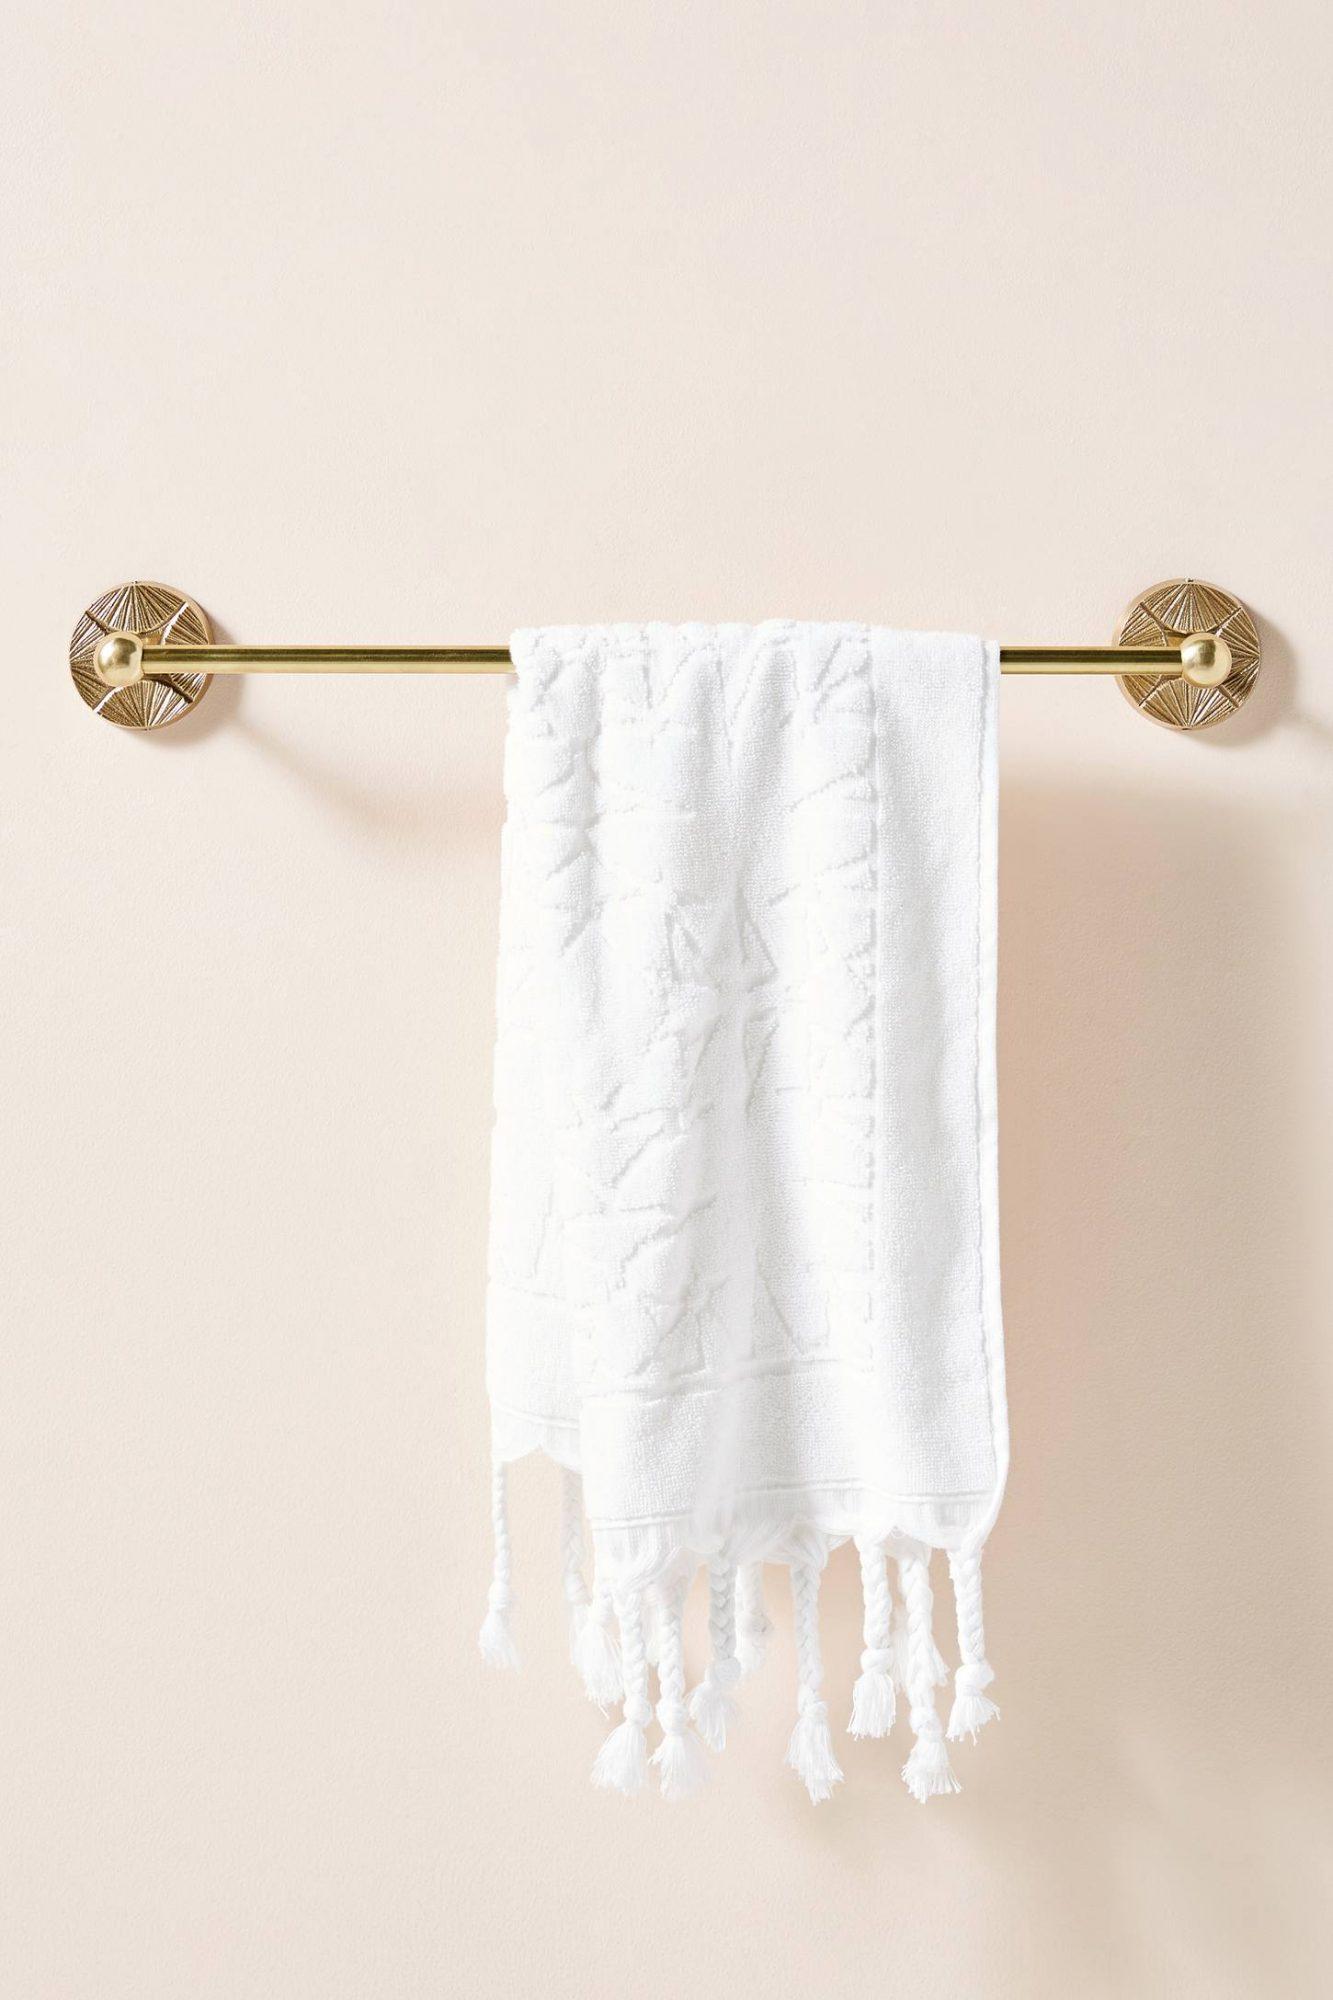 Graham Towel Bar